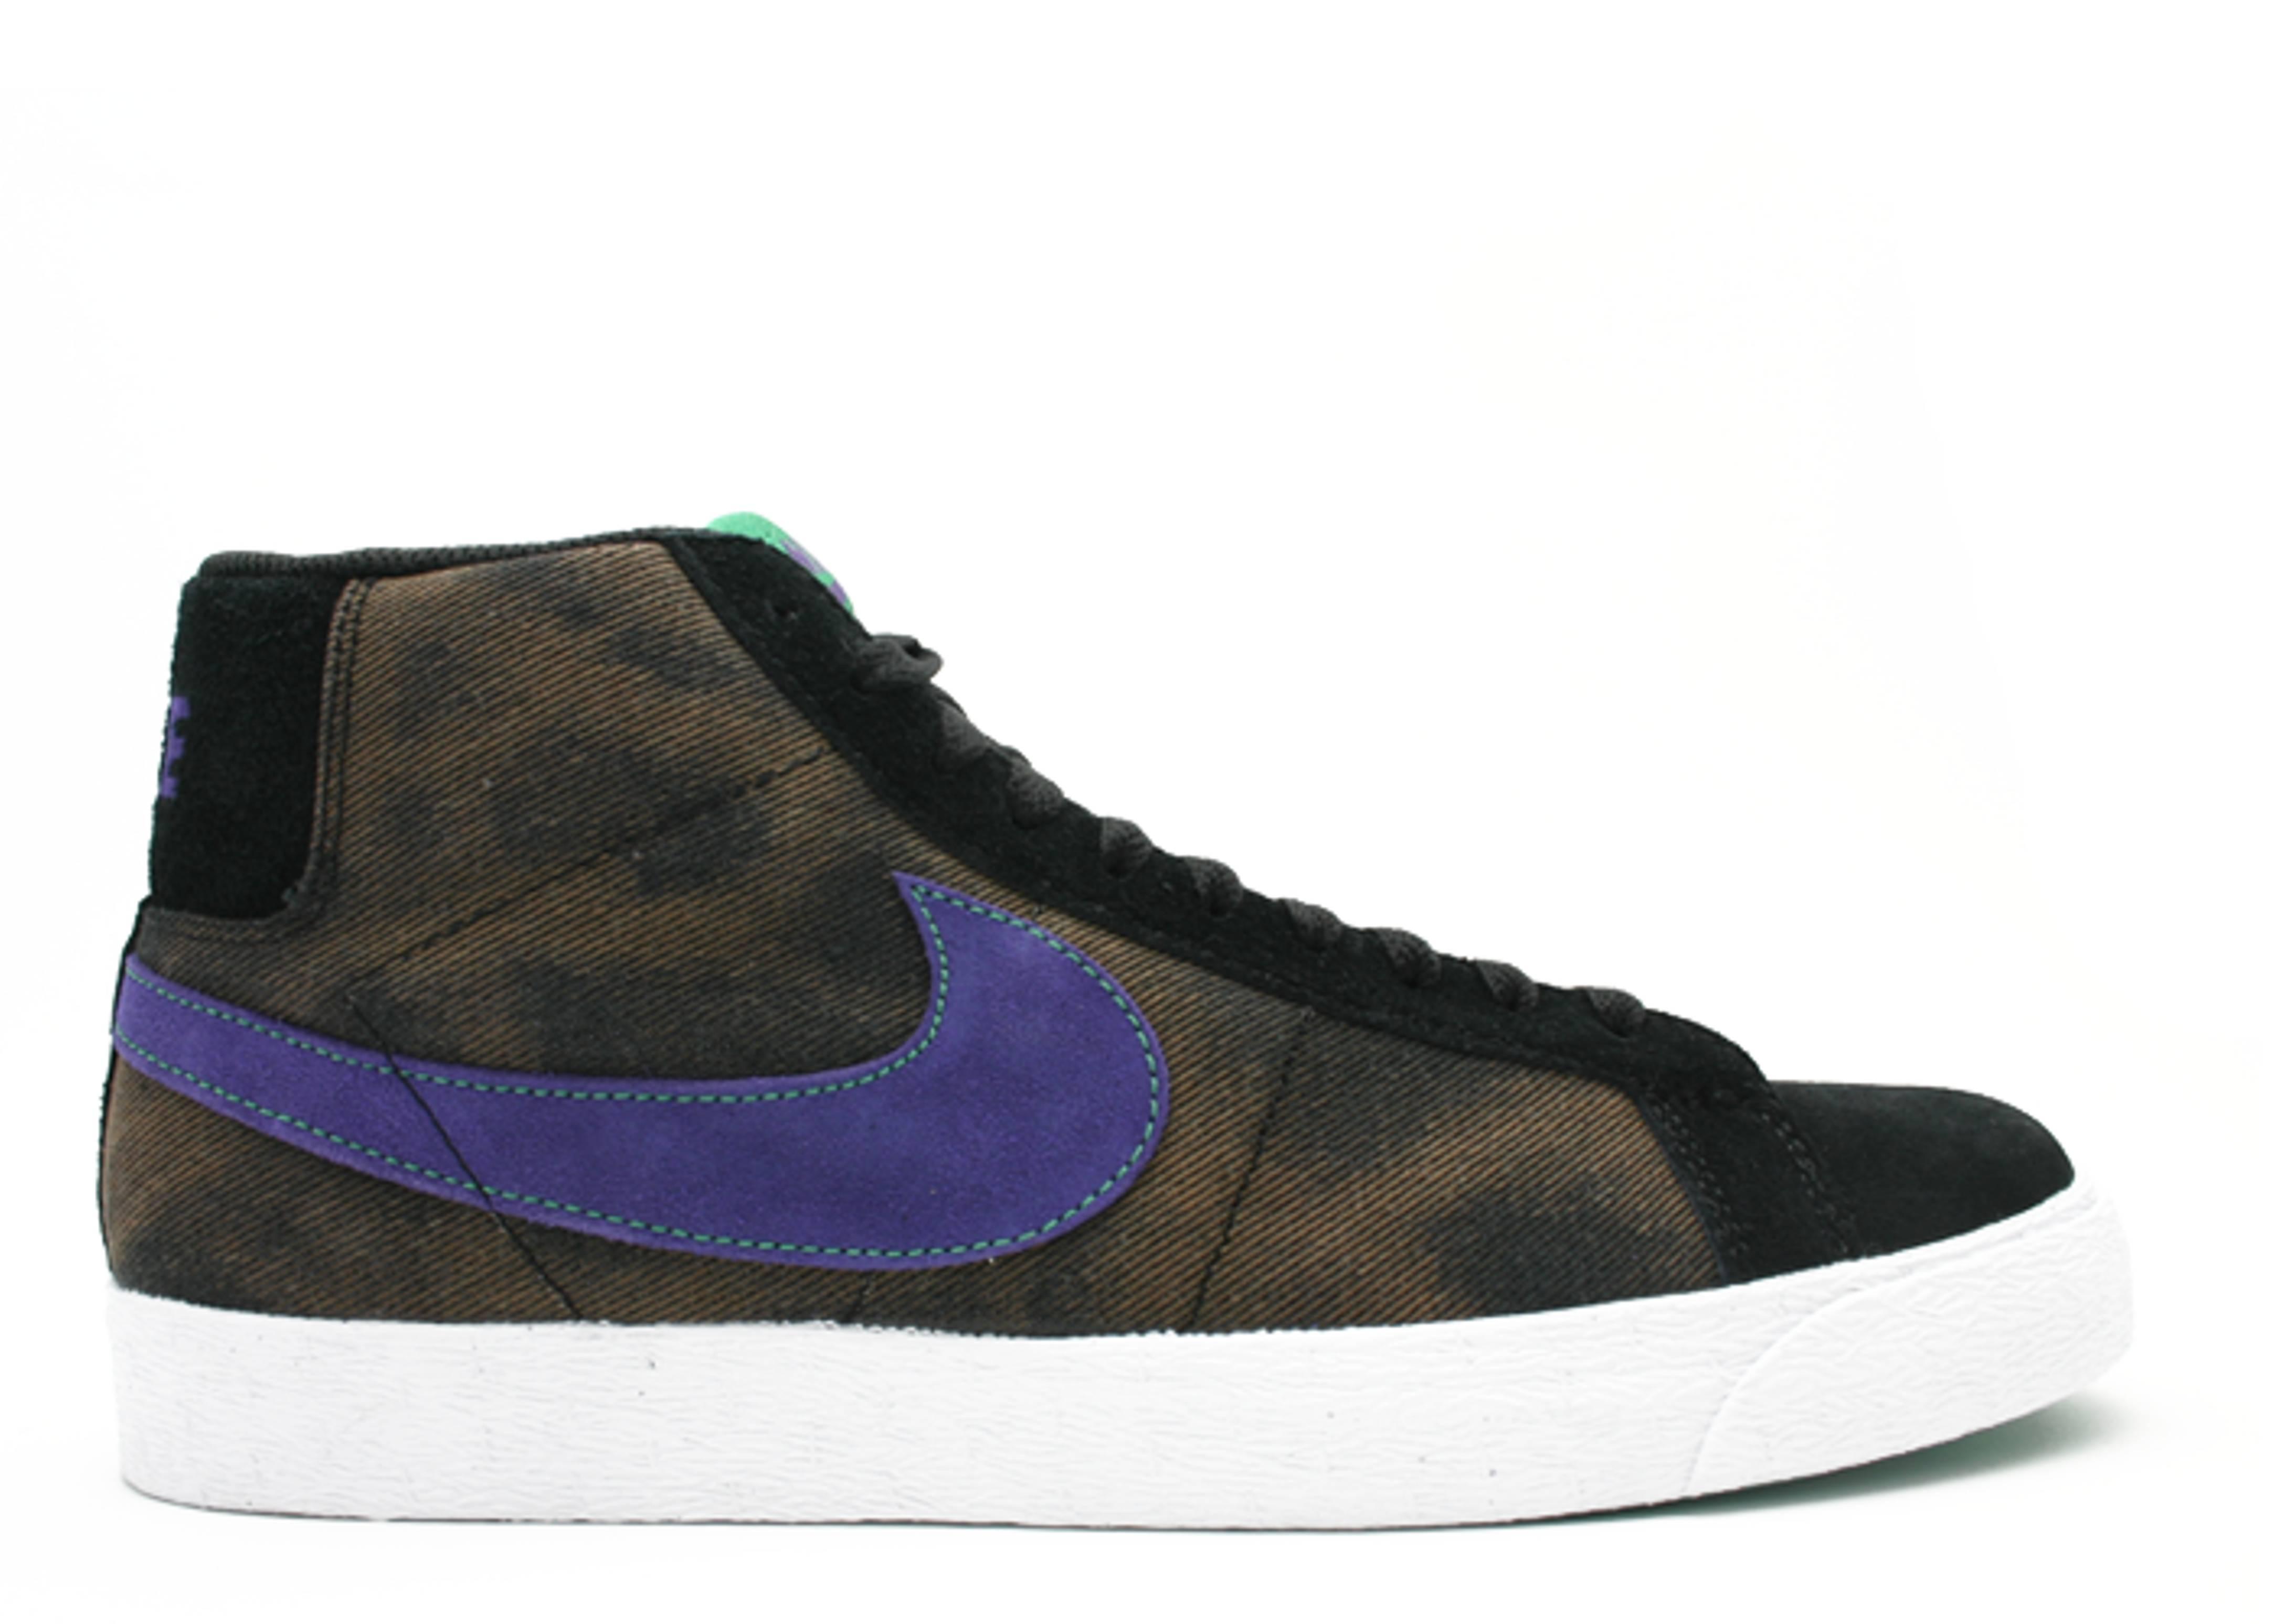 Nike Blazer SB Black Varsity Purple Volt Size 8